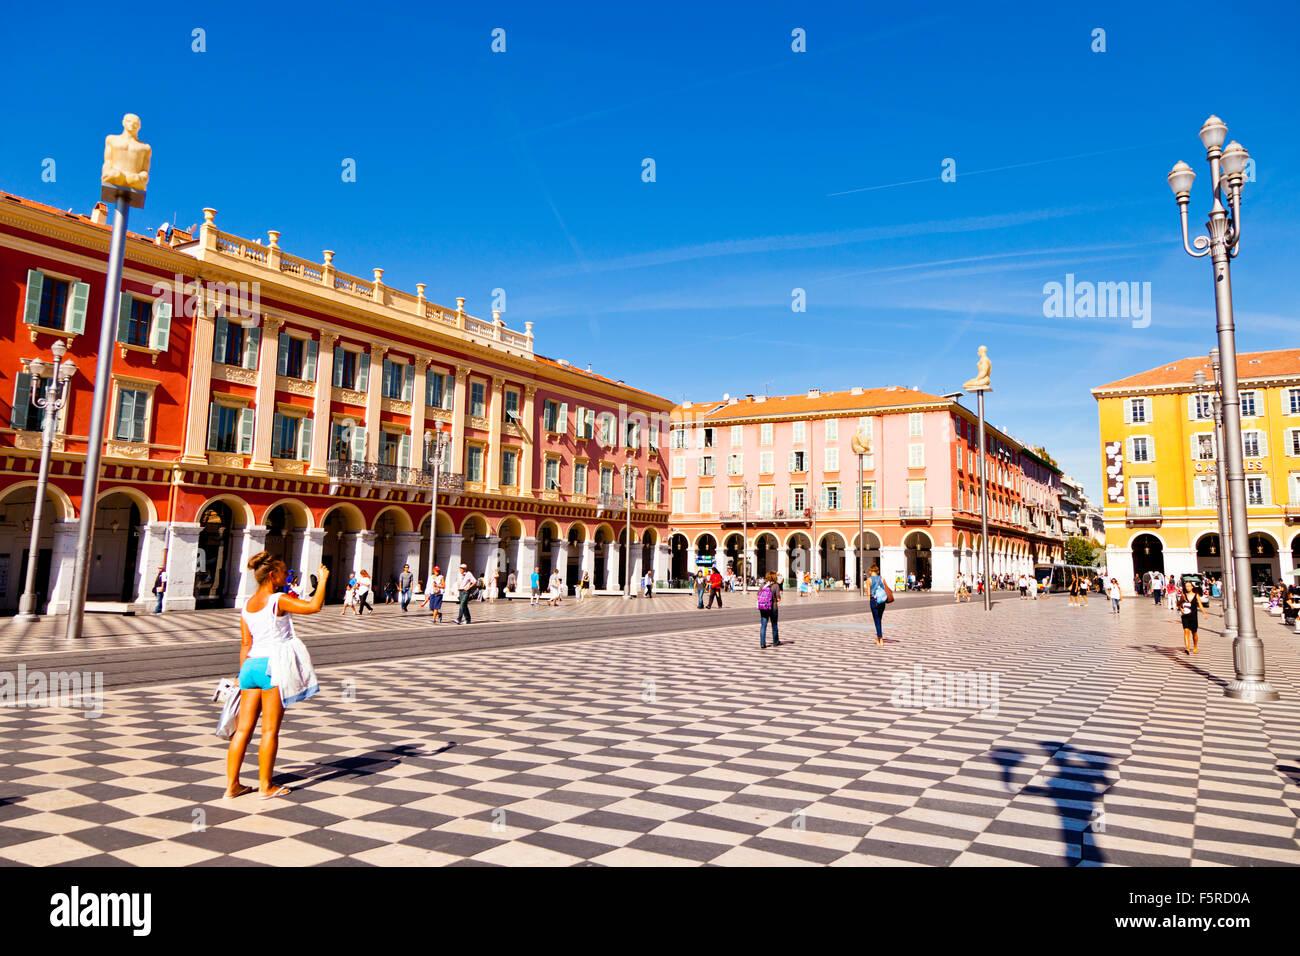 Place Masséna Nice France - Stock Image